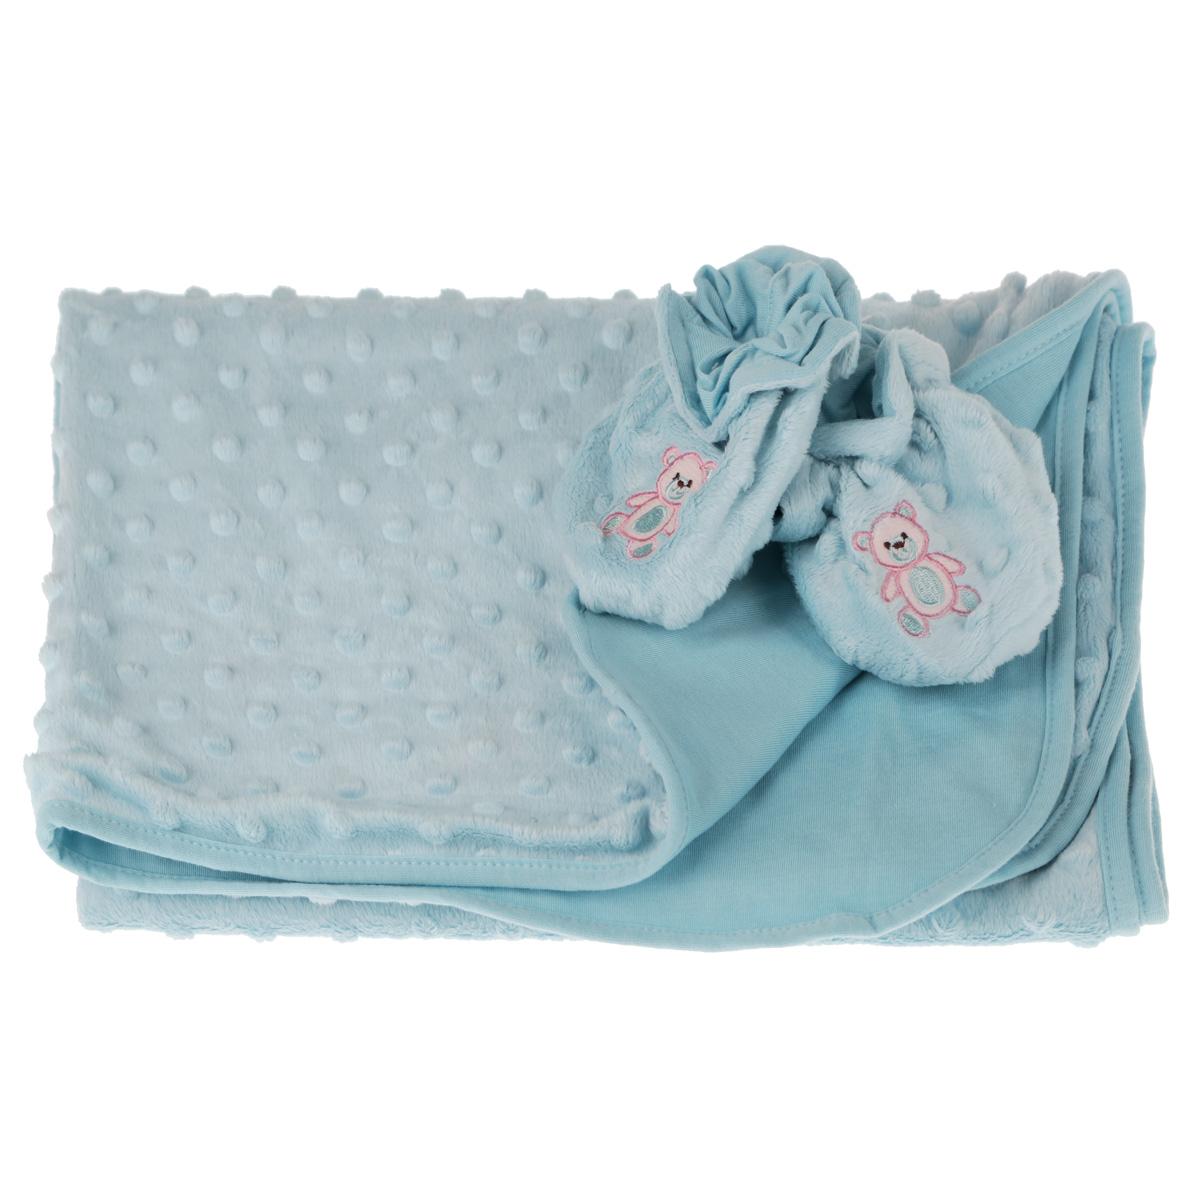 Набор детский Baby Nice: покрывало, пинетки, цвет: голубойК 03481_голубойДетский набор Baby Nice в коляску, состоит из одеяла и пинеток. Набор изготовлен из экологичных материалов: верх изготовлен из ткани нового поколения Micro Velour, обладающей терморегулирующими и влагорегулирующими свойствами, подкладка - 100% натуральный хлопчатобумажный трикотаж. Пинетки украшены небольшой вышивкой в виде мишек. Они дышащие, из легкой воздухопроницаемой ткани, и сохраняющие тепло, что не позволят замерзнуть ножкам ребенка. Мама малыша, укрытого потрясающе мягким, необыкновенно легким и исключительно теплым одеялом, может быть спокойна за покой и комфортный сон своего ребенка на прогулке, на свежем воздухе. Набор окрашен гипоаллергенными красителями. Размер одеяла: 70 см х 98 см. Пинетки для детей от 0 до 3 лет.